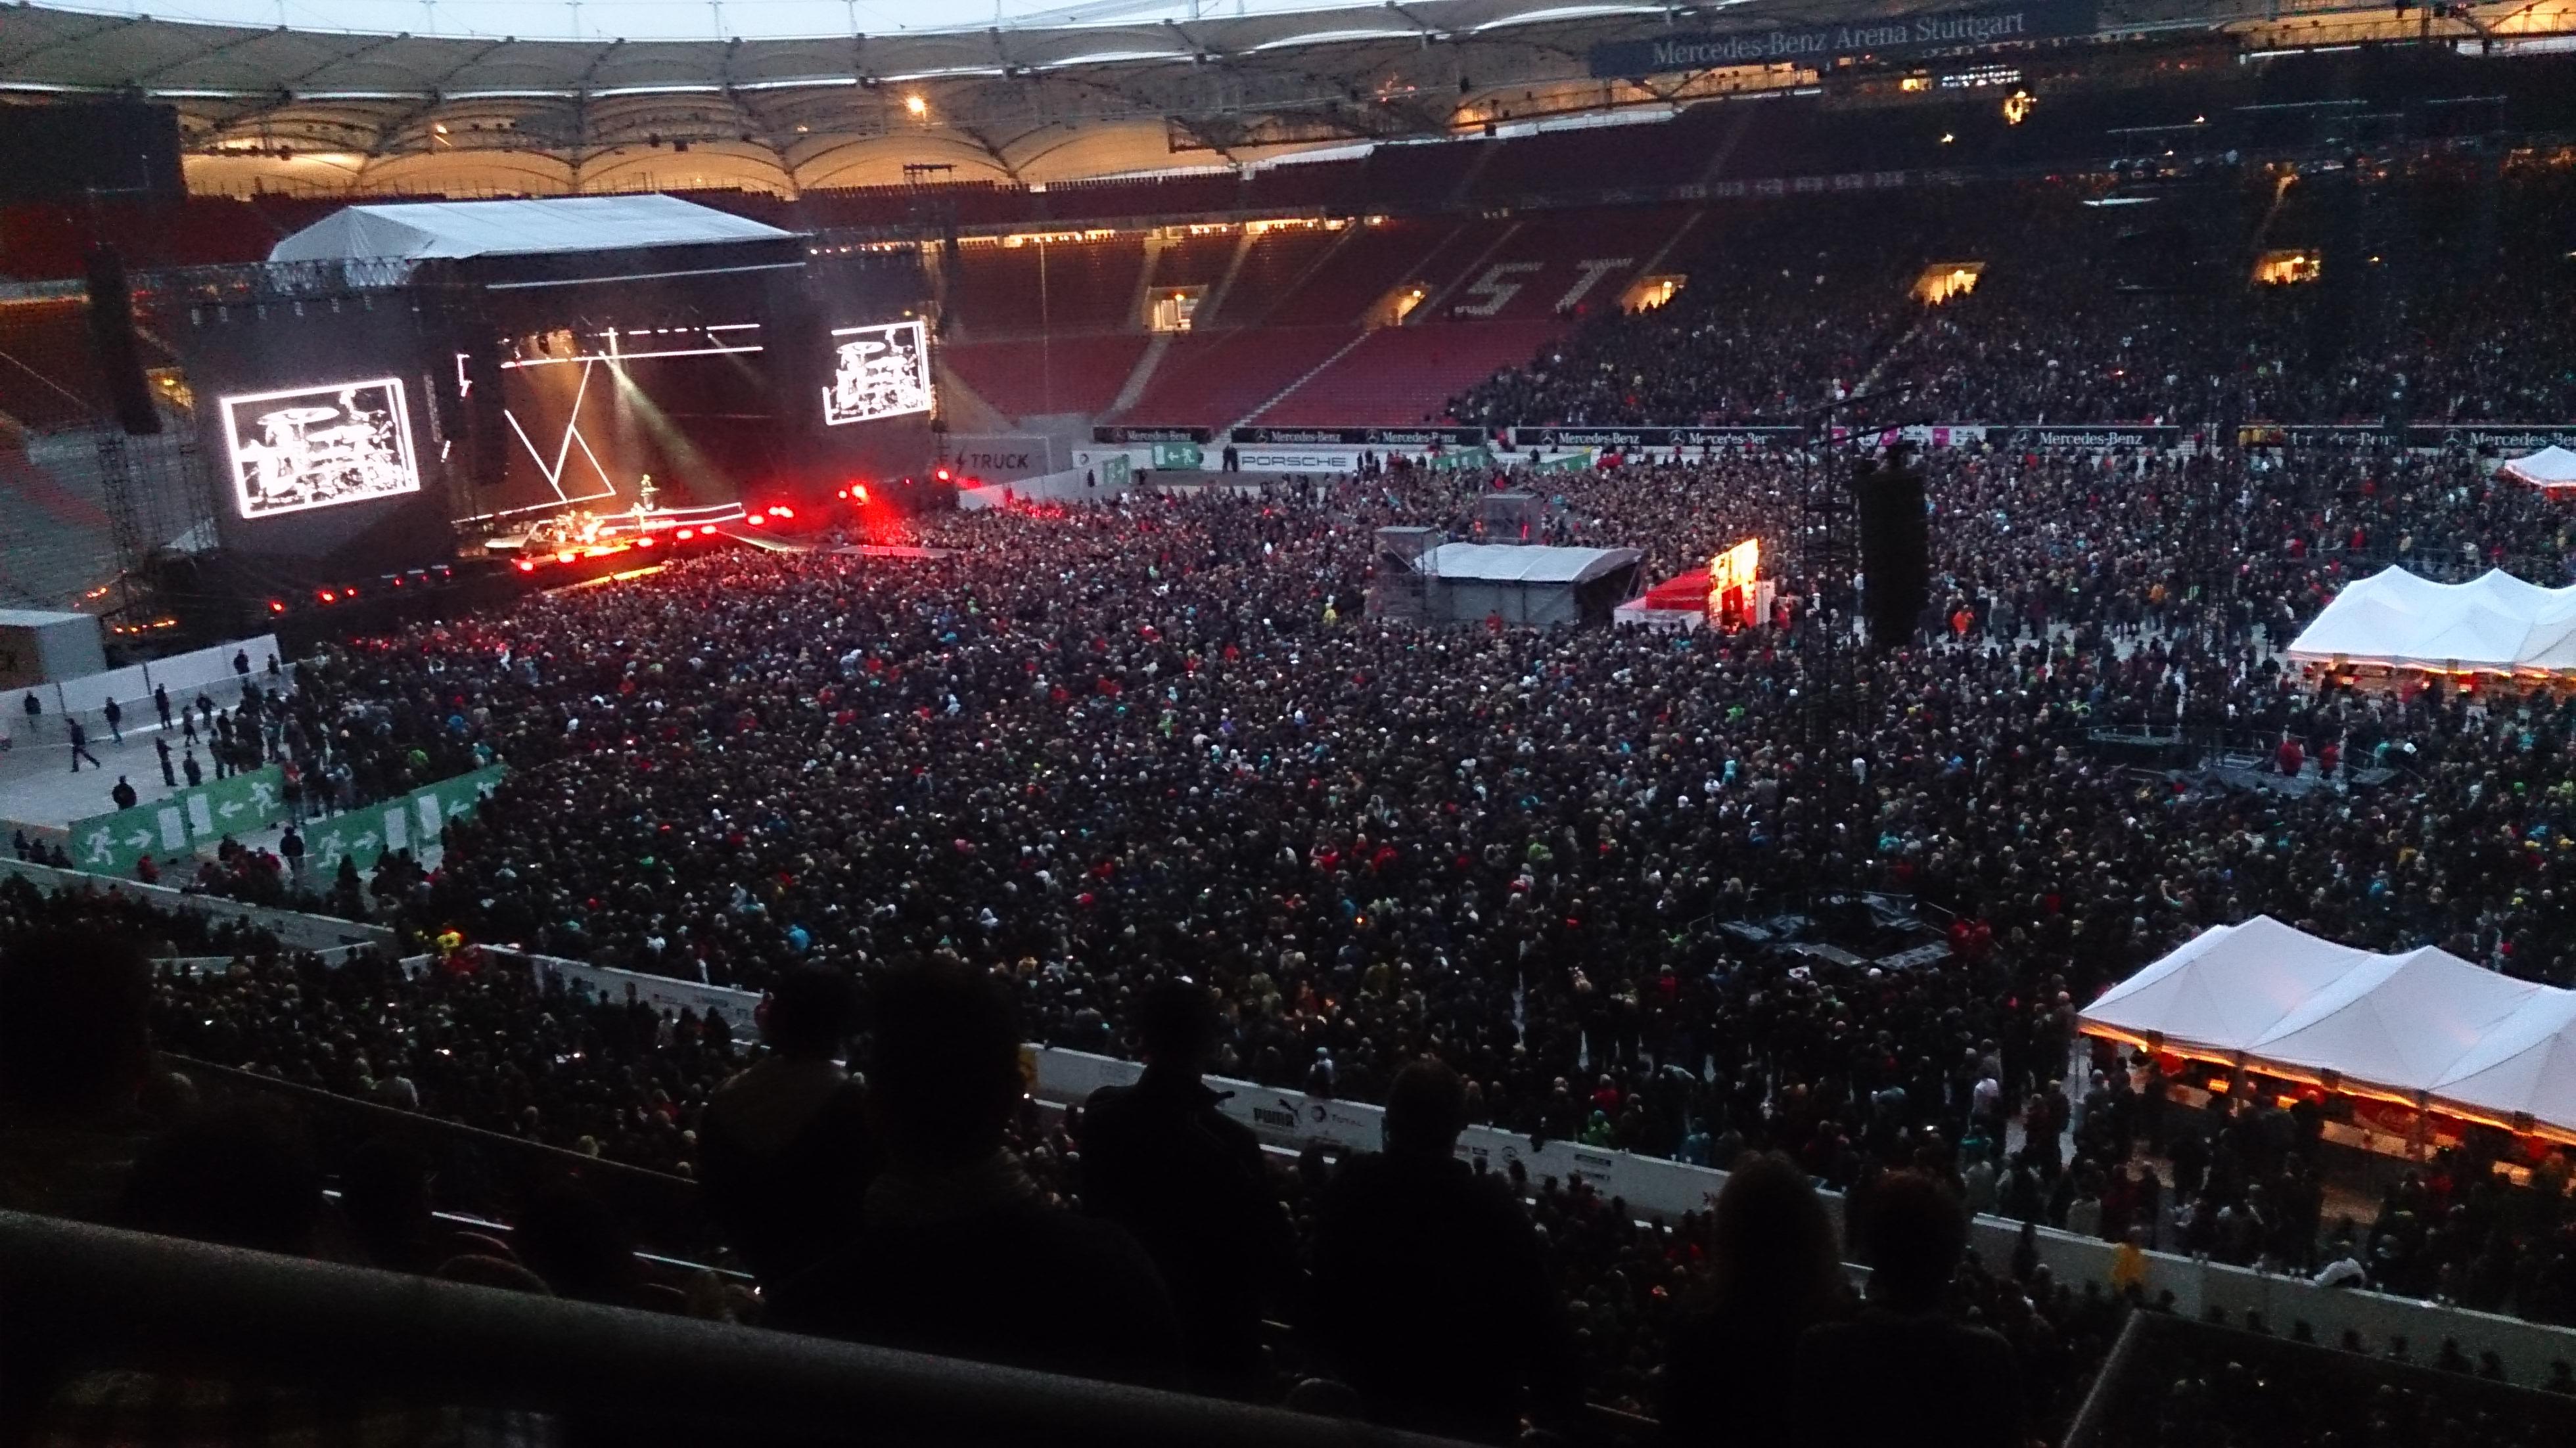 depeche mode in stuttgart: simply depeche mode